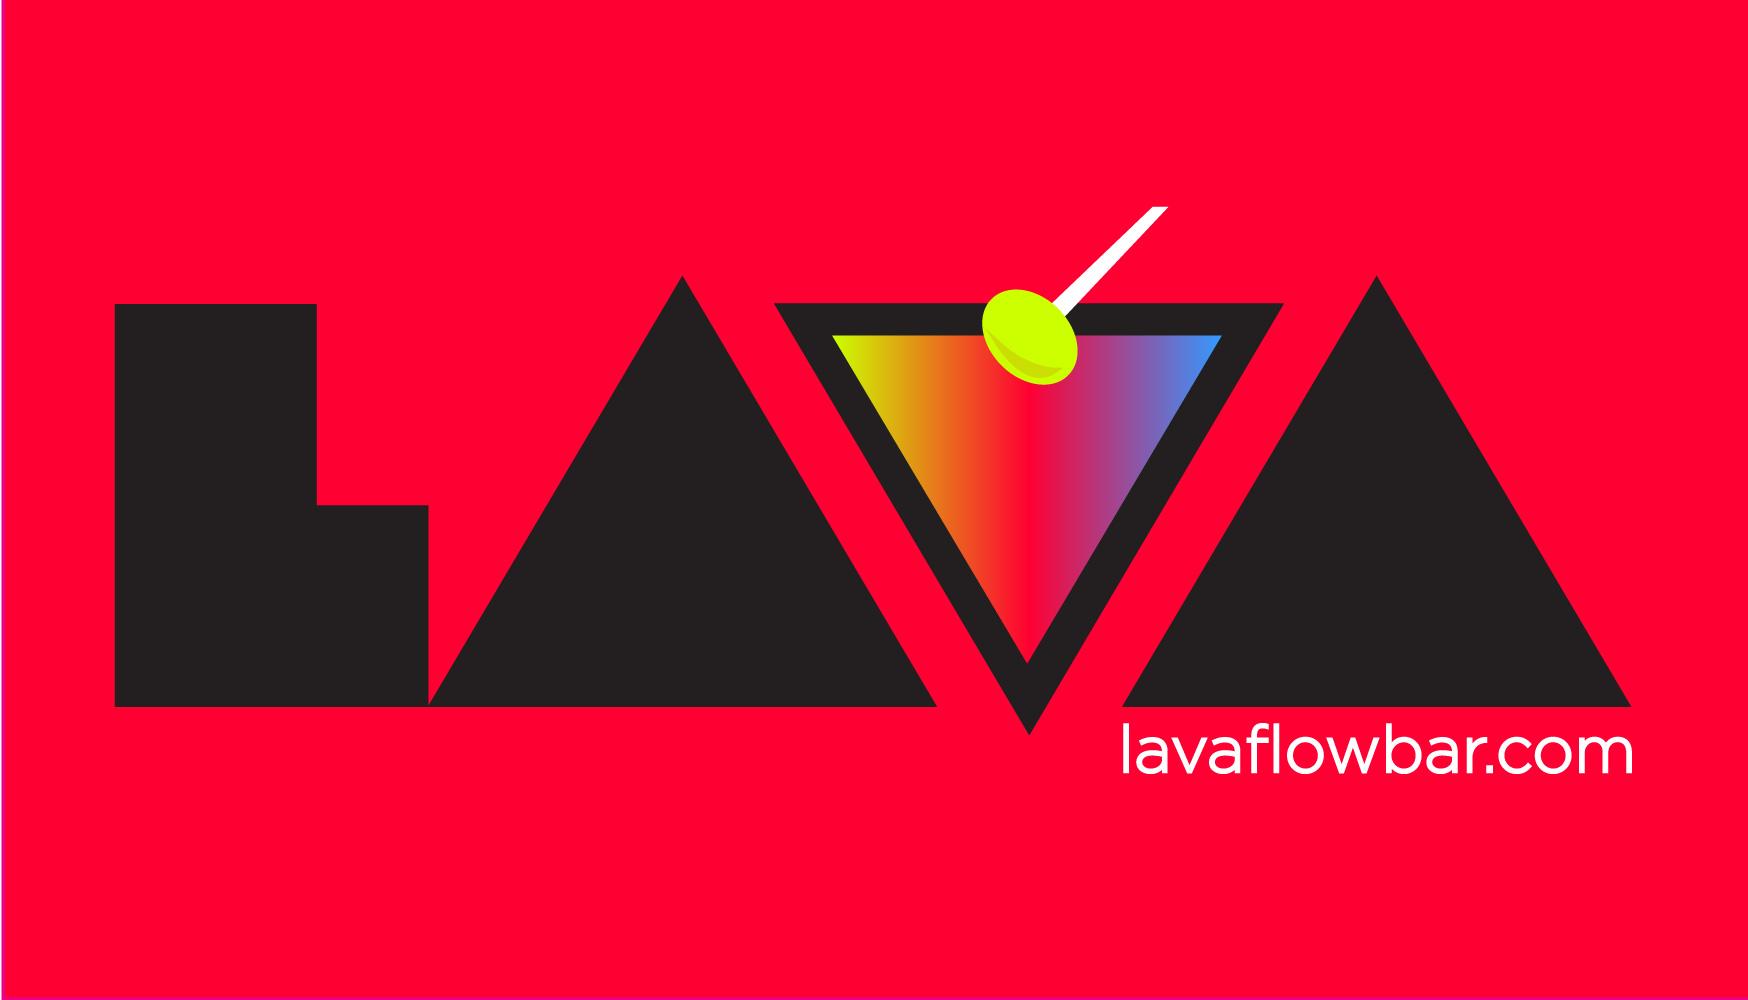 lavaflowbar-logo